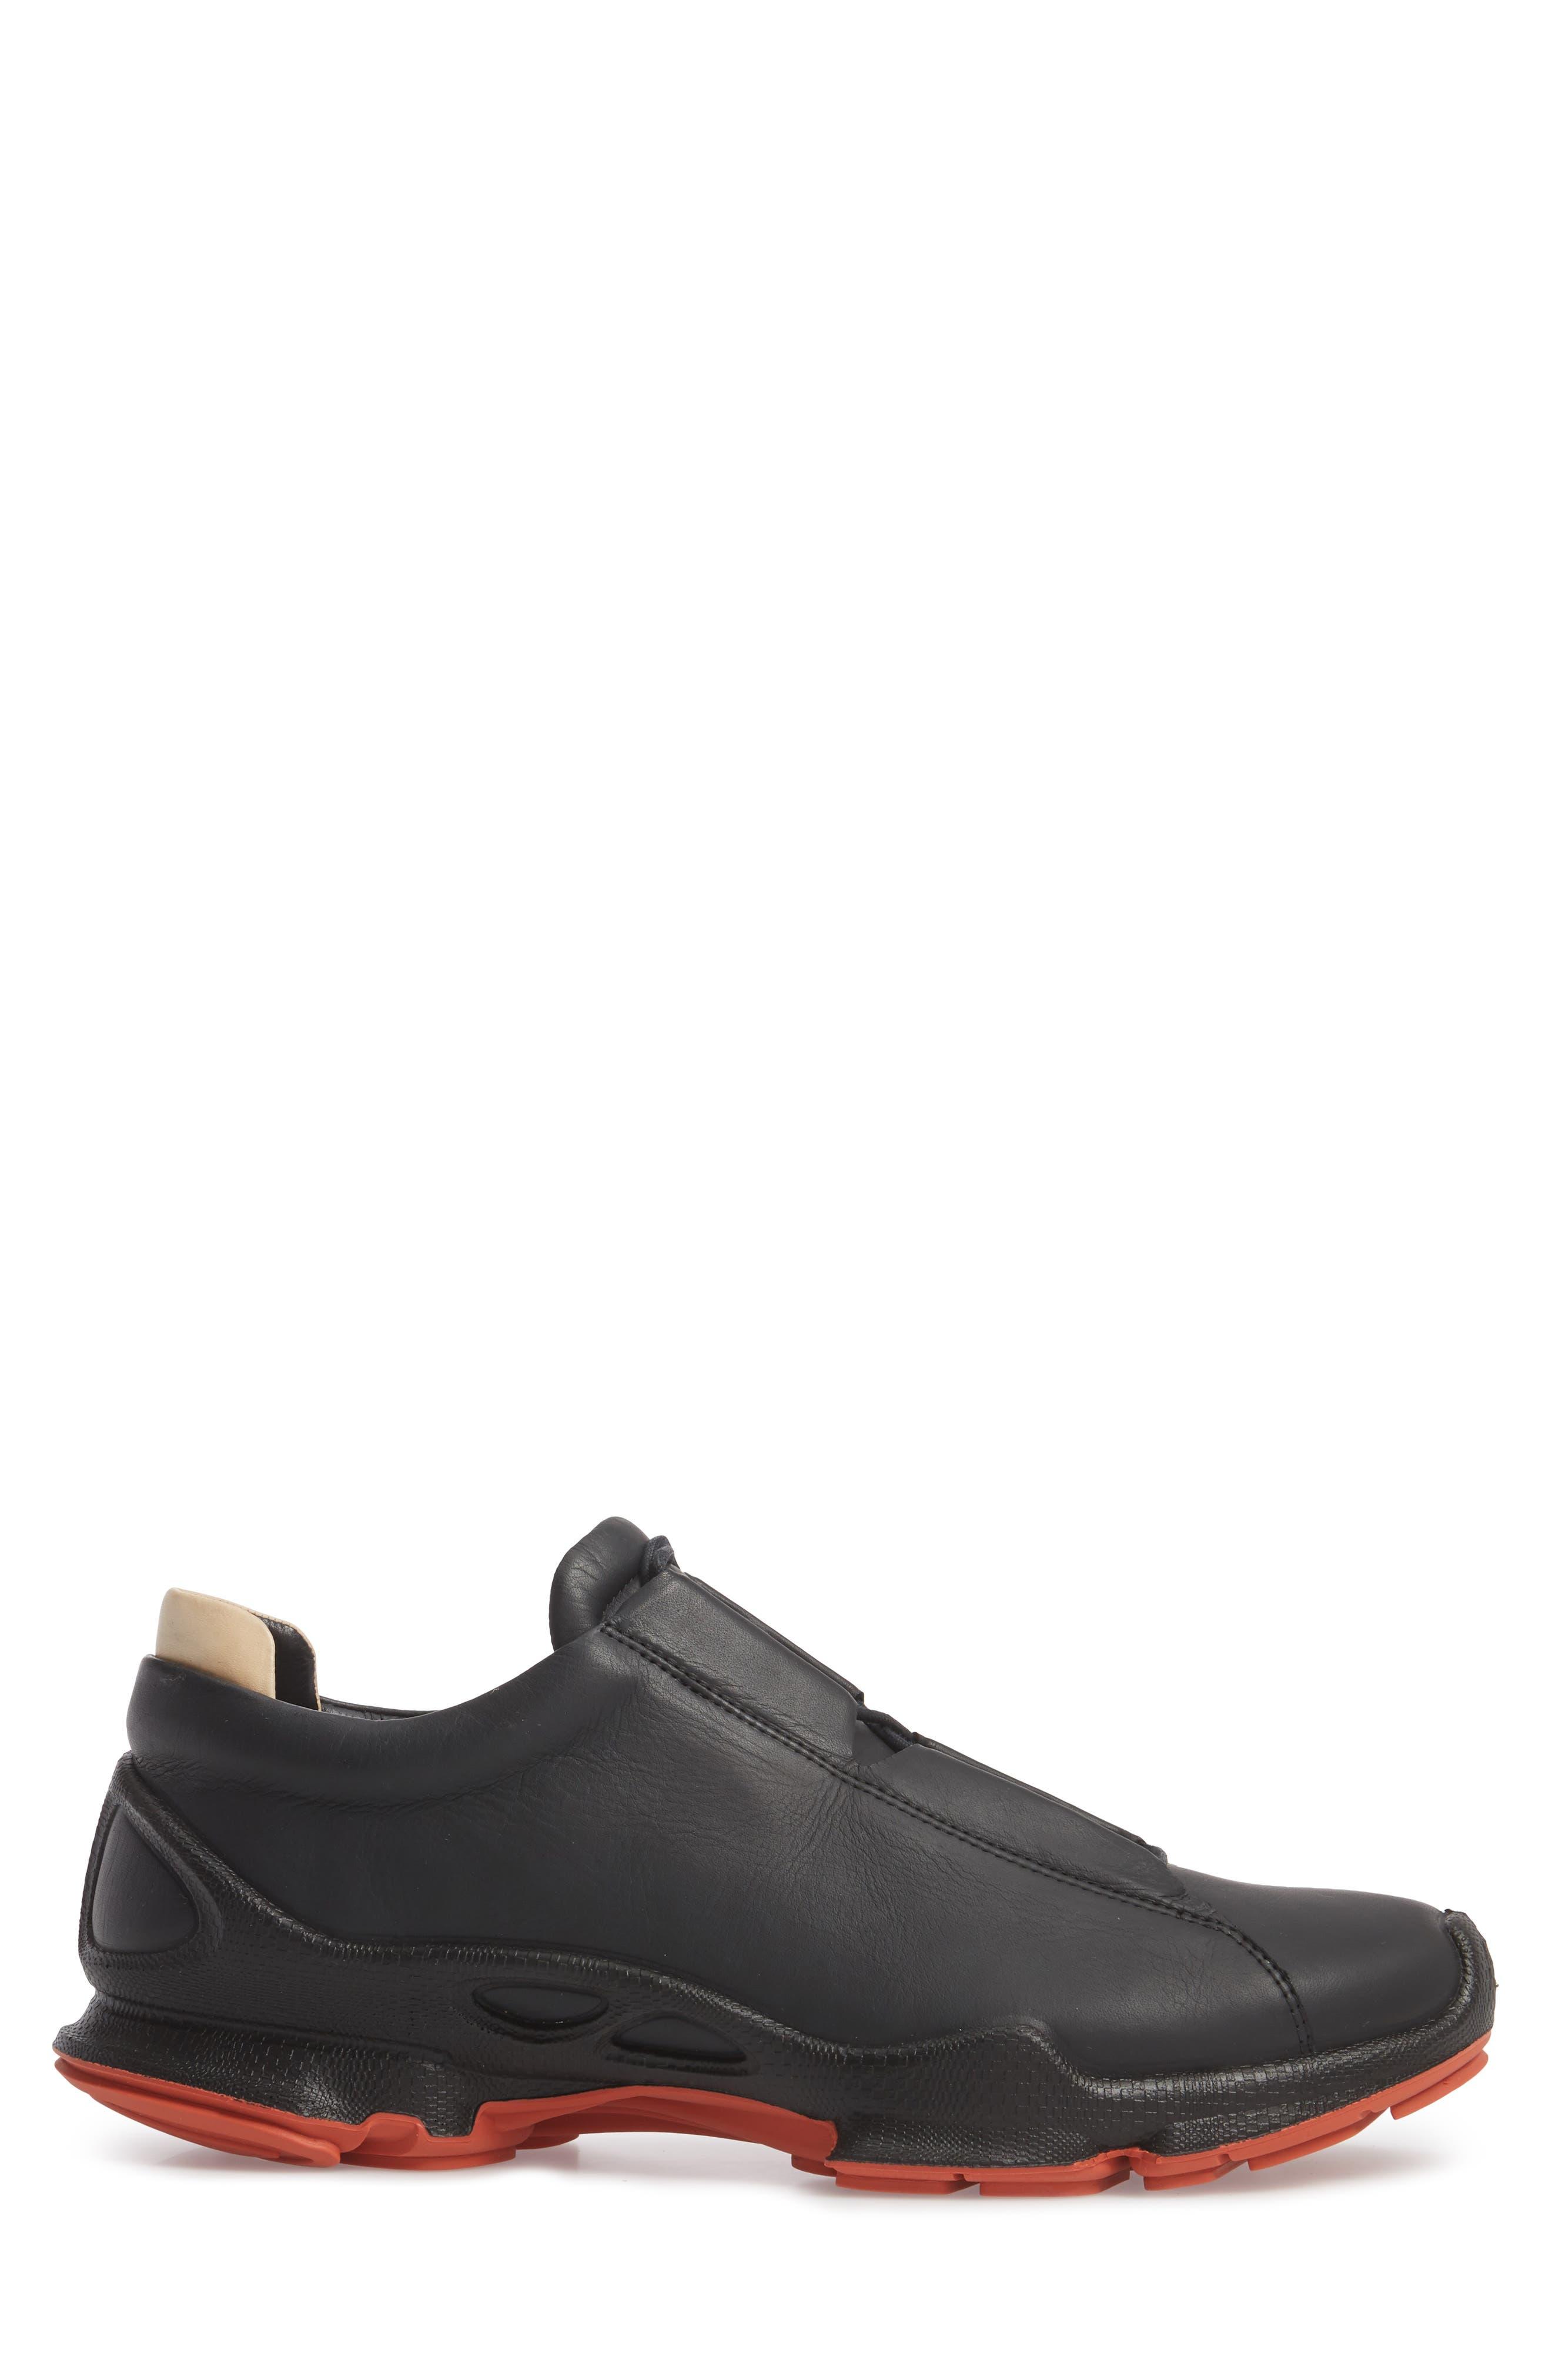 BIOM C Low Top Sneaker,                             Alternate thumbnail 3, color,                             003